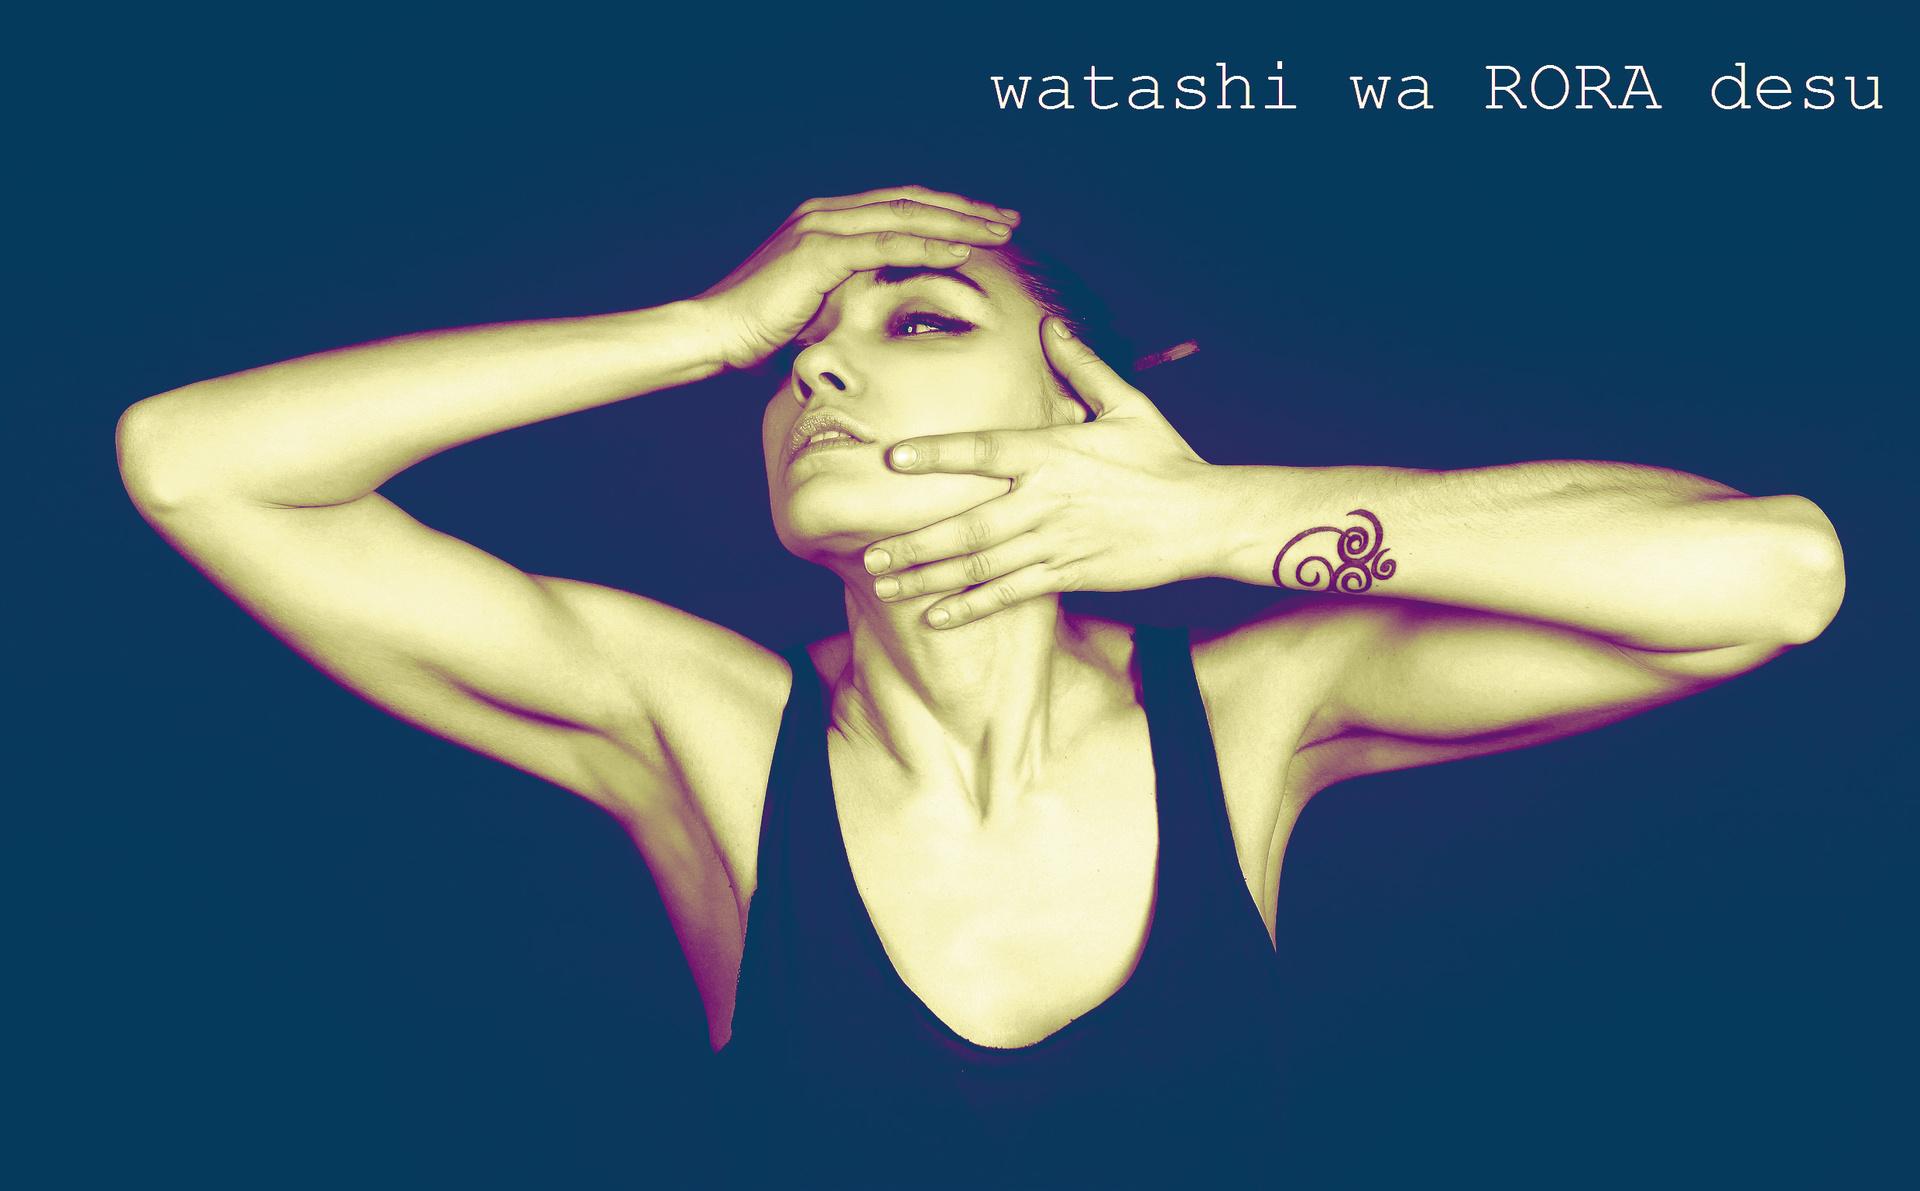 Watashi wa RORA desu